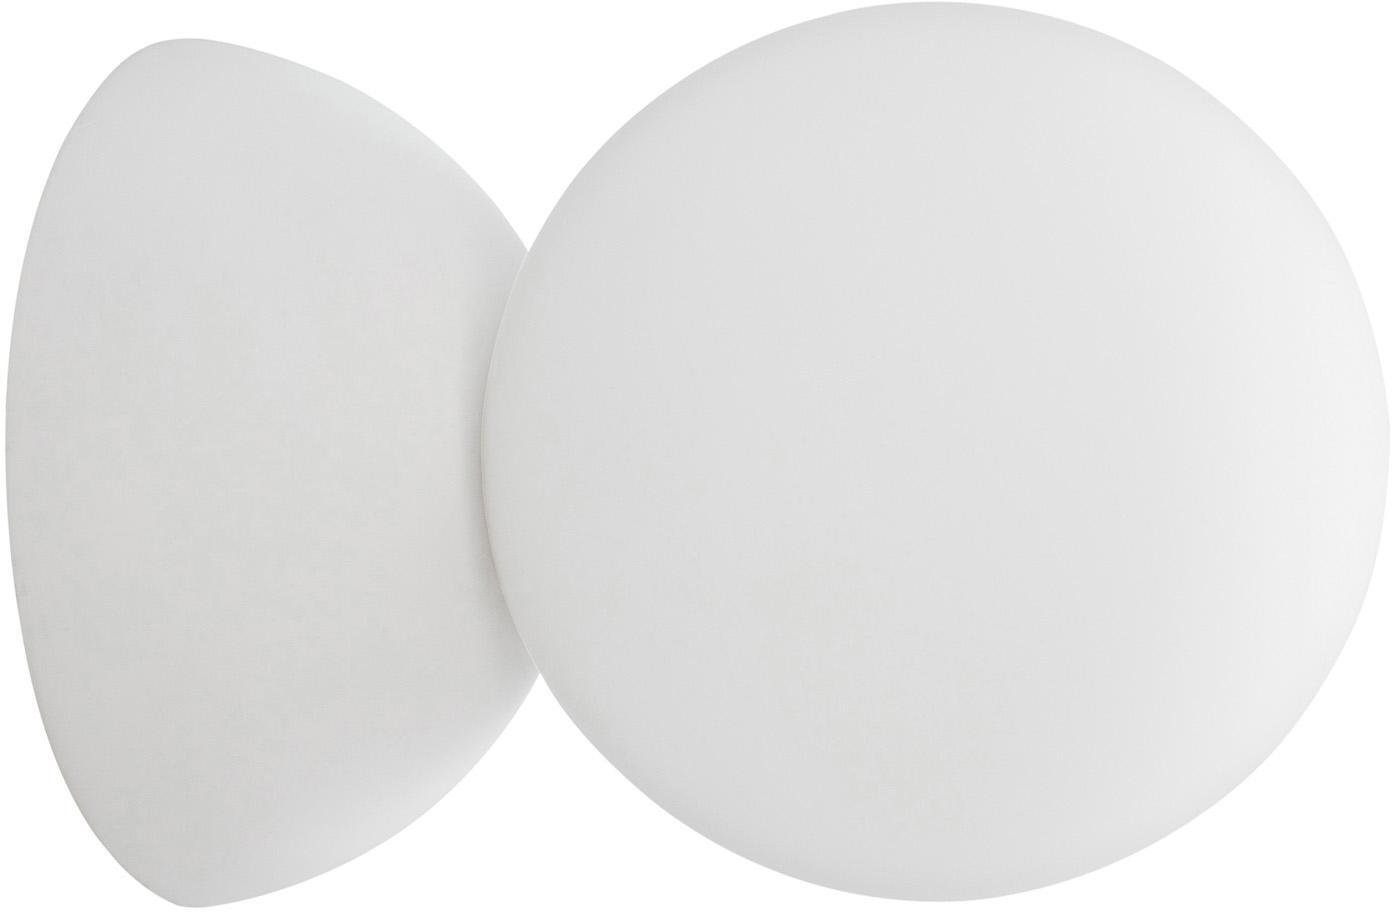 Kinkiet ze szkła opałowego Zero, Biały, Ø 10 x G 14 cm